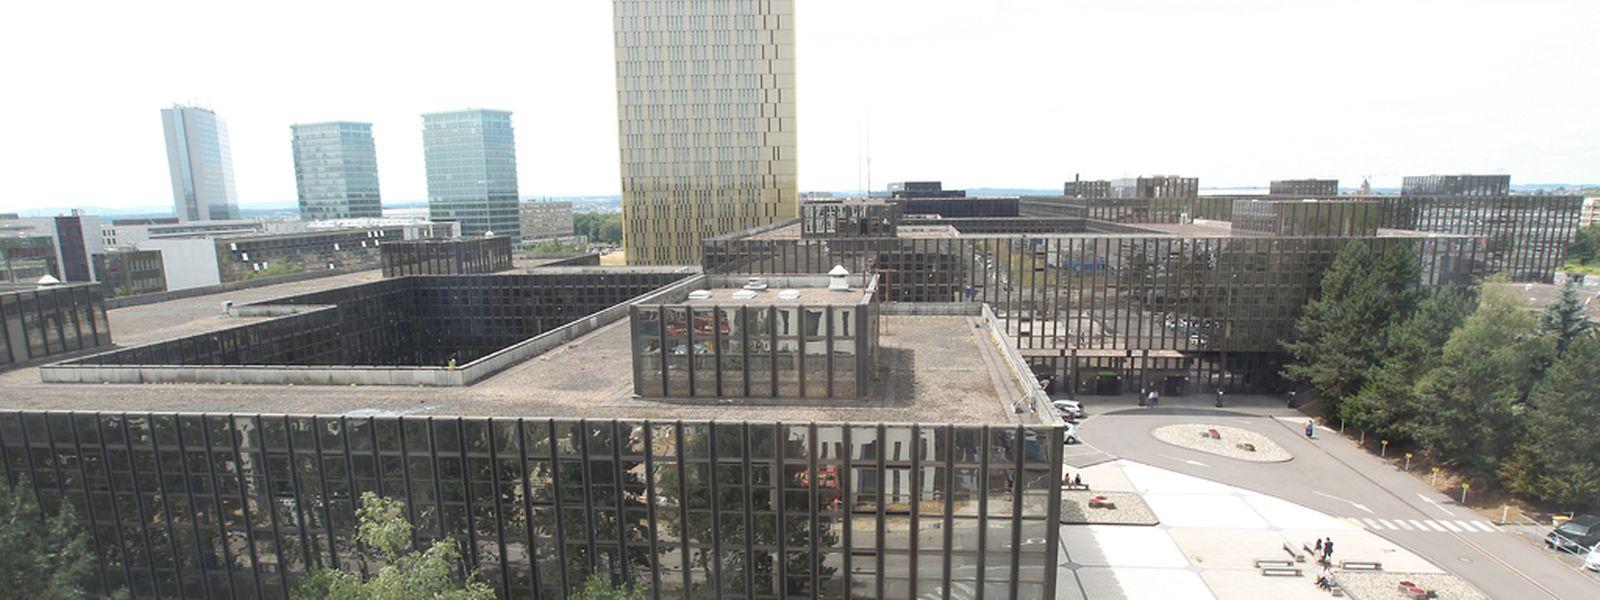 """Die Tage des Jean-Monnet-Gebäude sind längst gezählt - jetzt wurde man sich einig über die Übergangsregelung bis zur Fertigstellung des """"Jean-Monnet II.""""."""